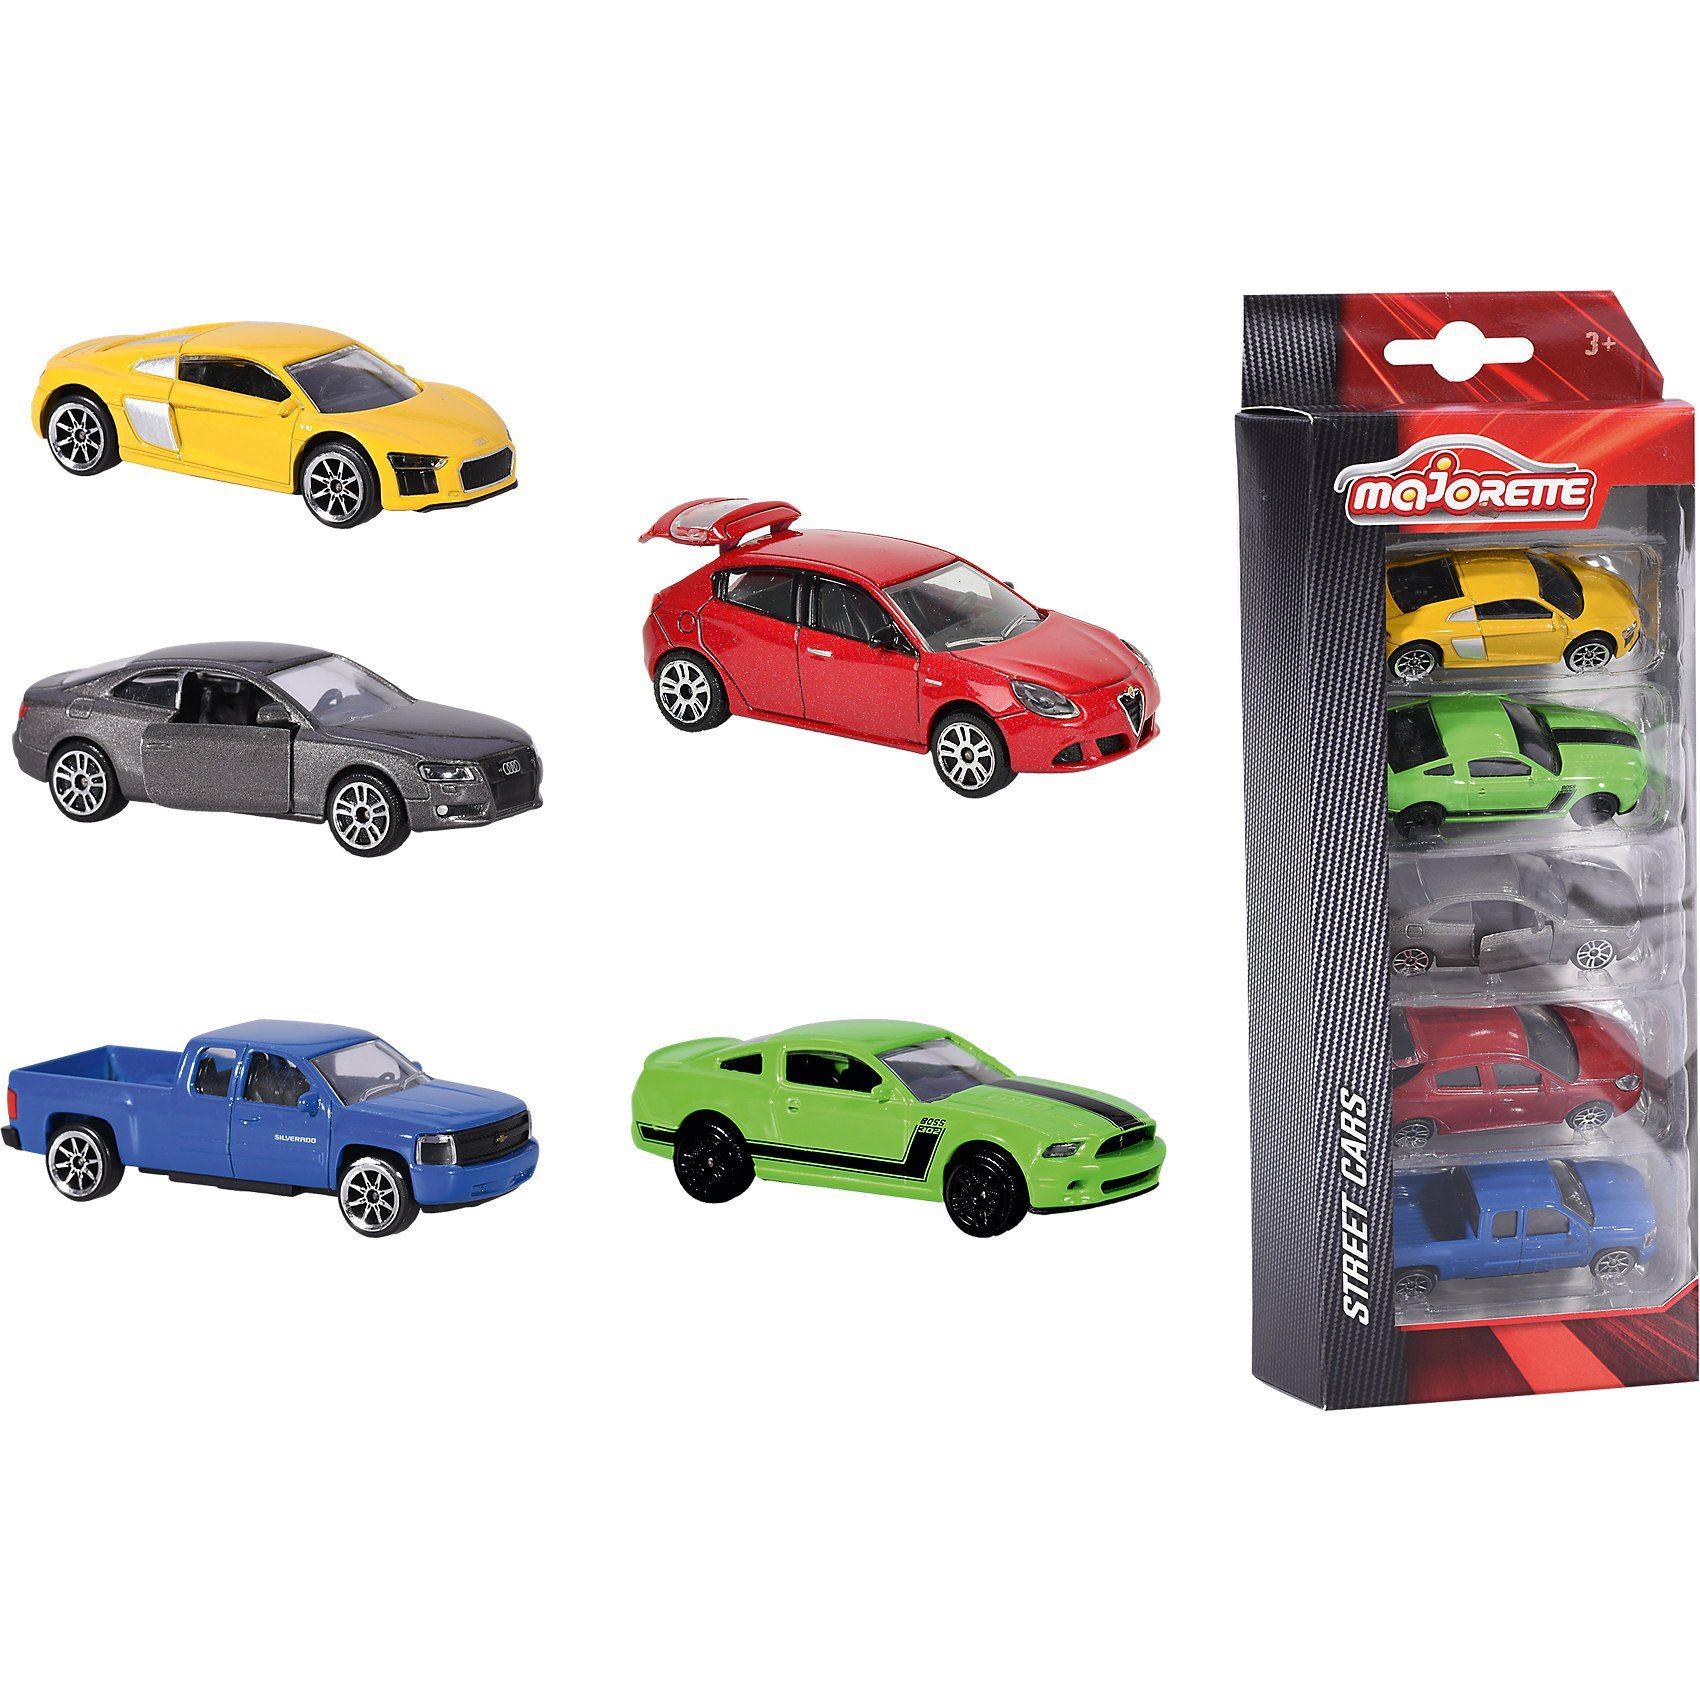 Majorette Auto Geschenk-Set, 5-tlg.